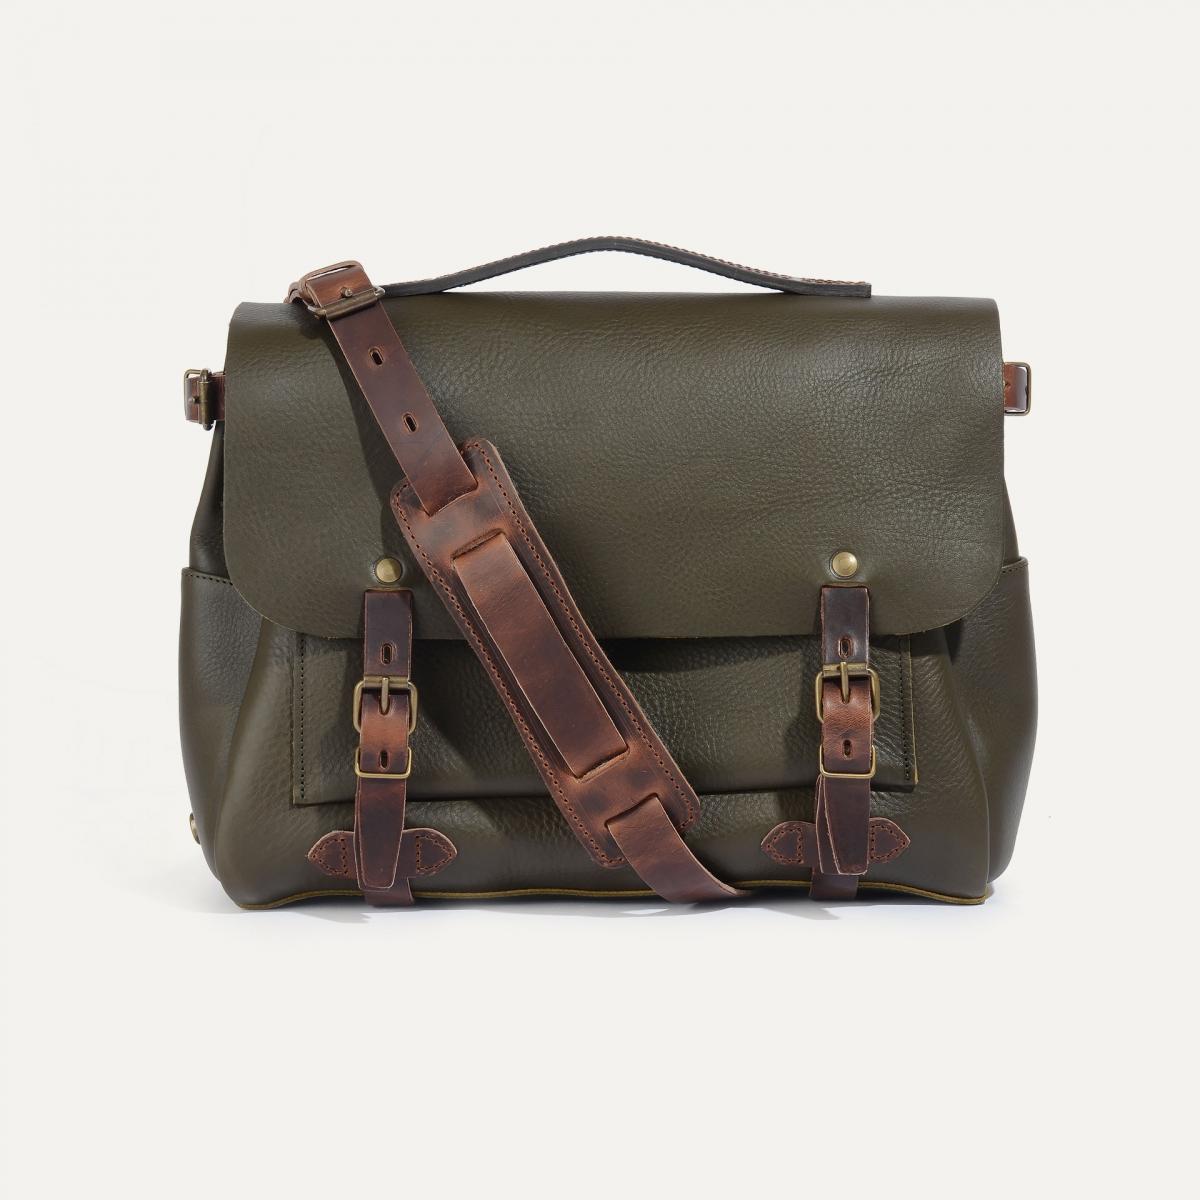 Postman bag Eclair M - Khaki (image n°1)